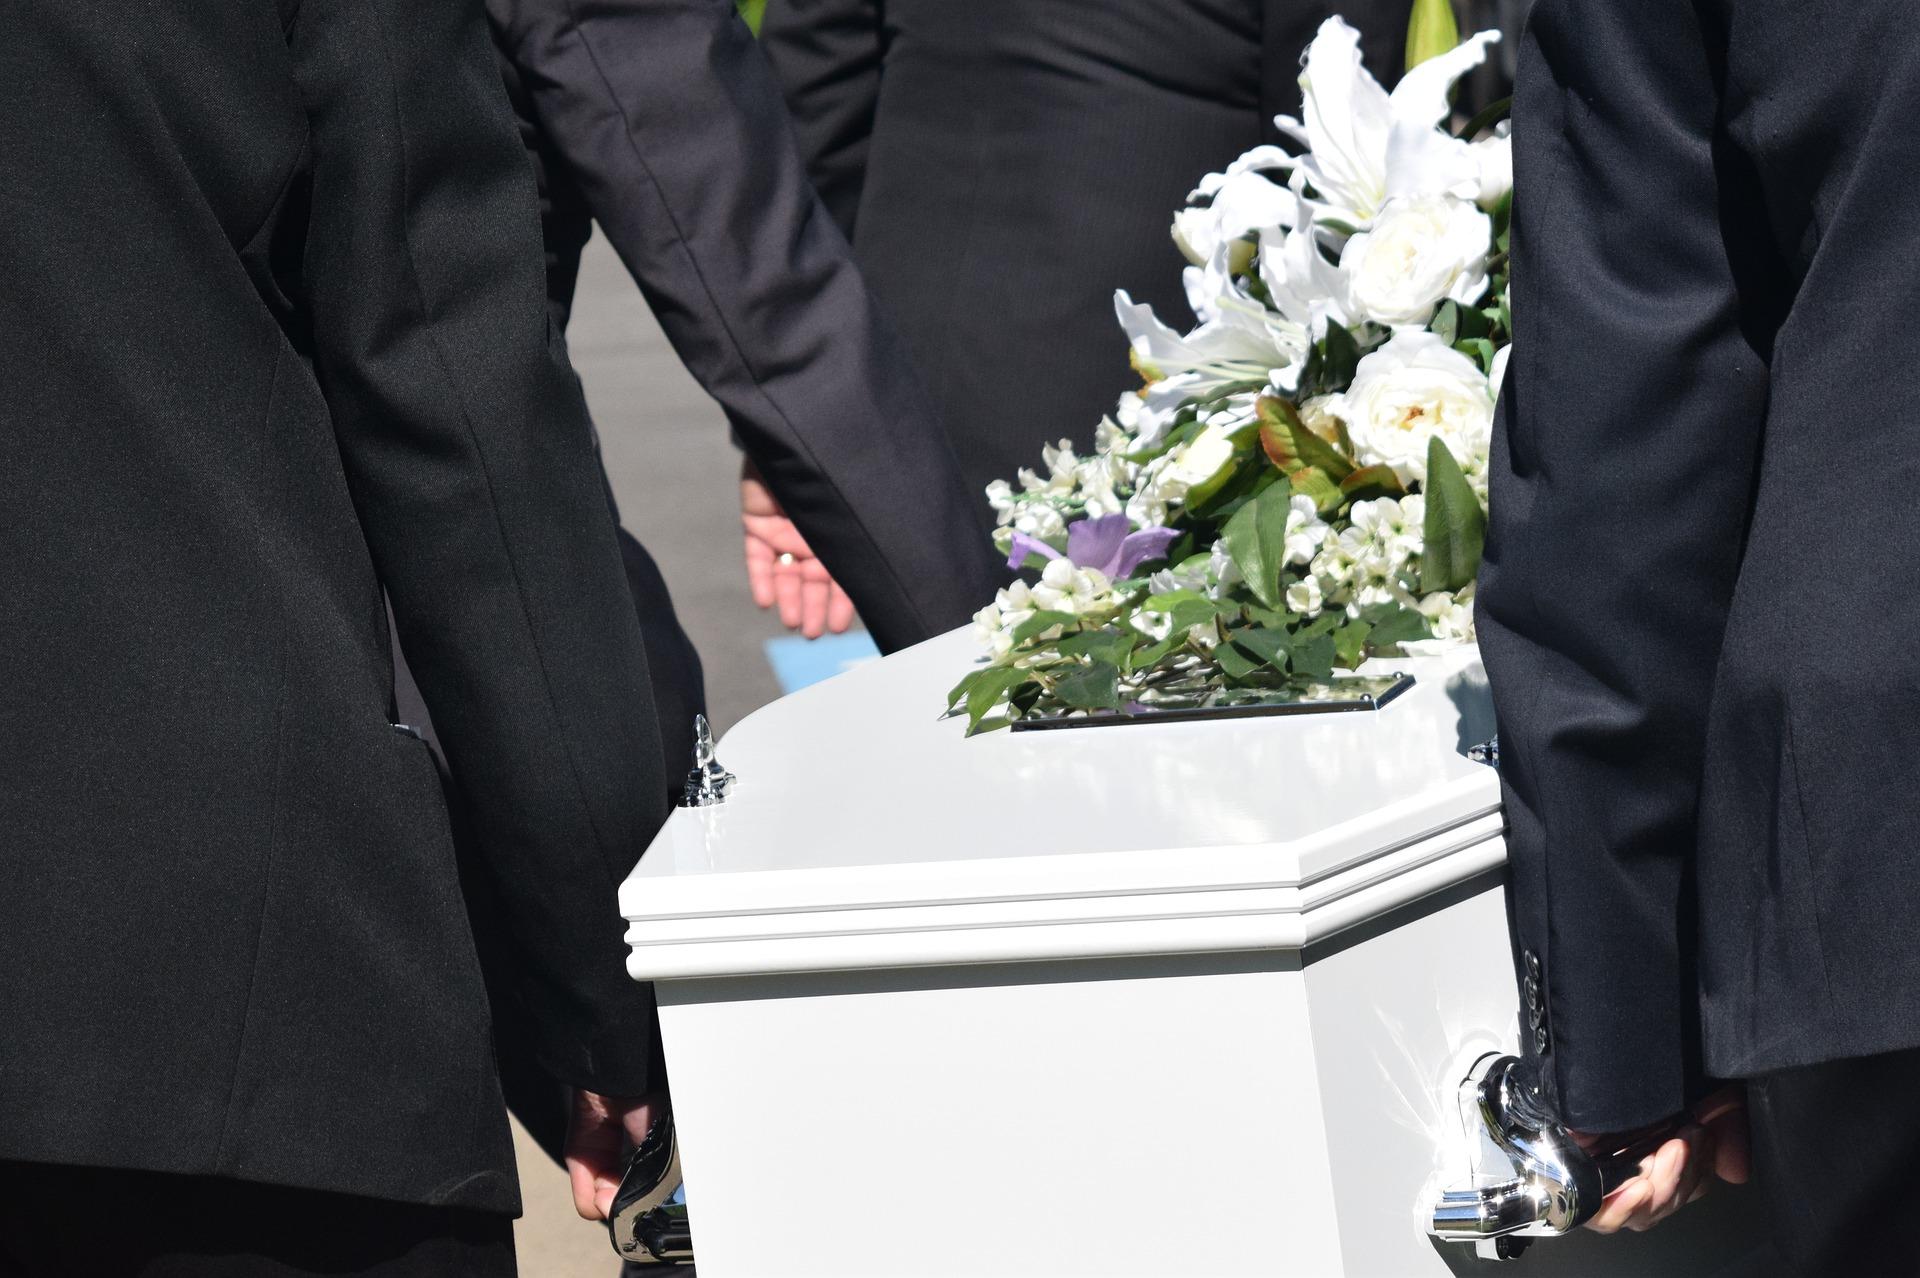 zasiłek pogrzebowy